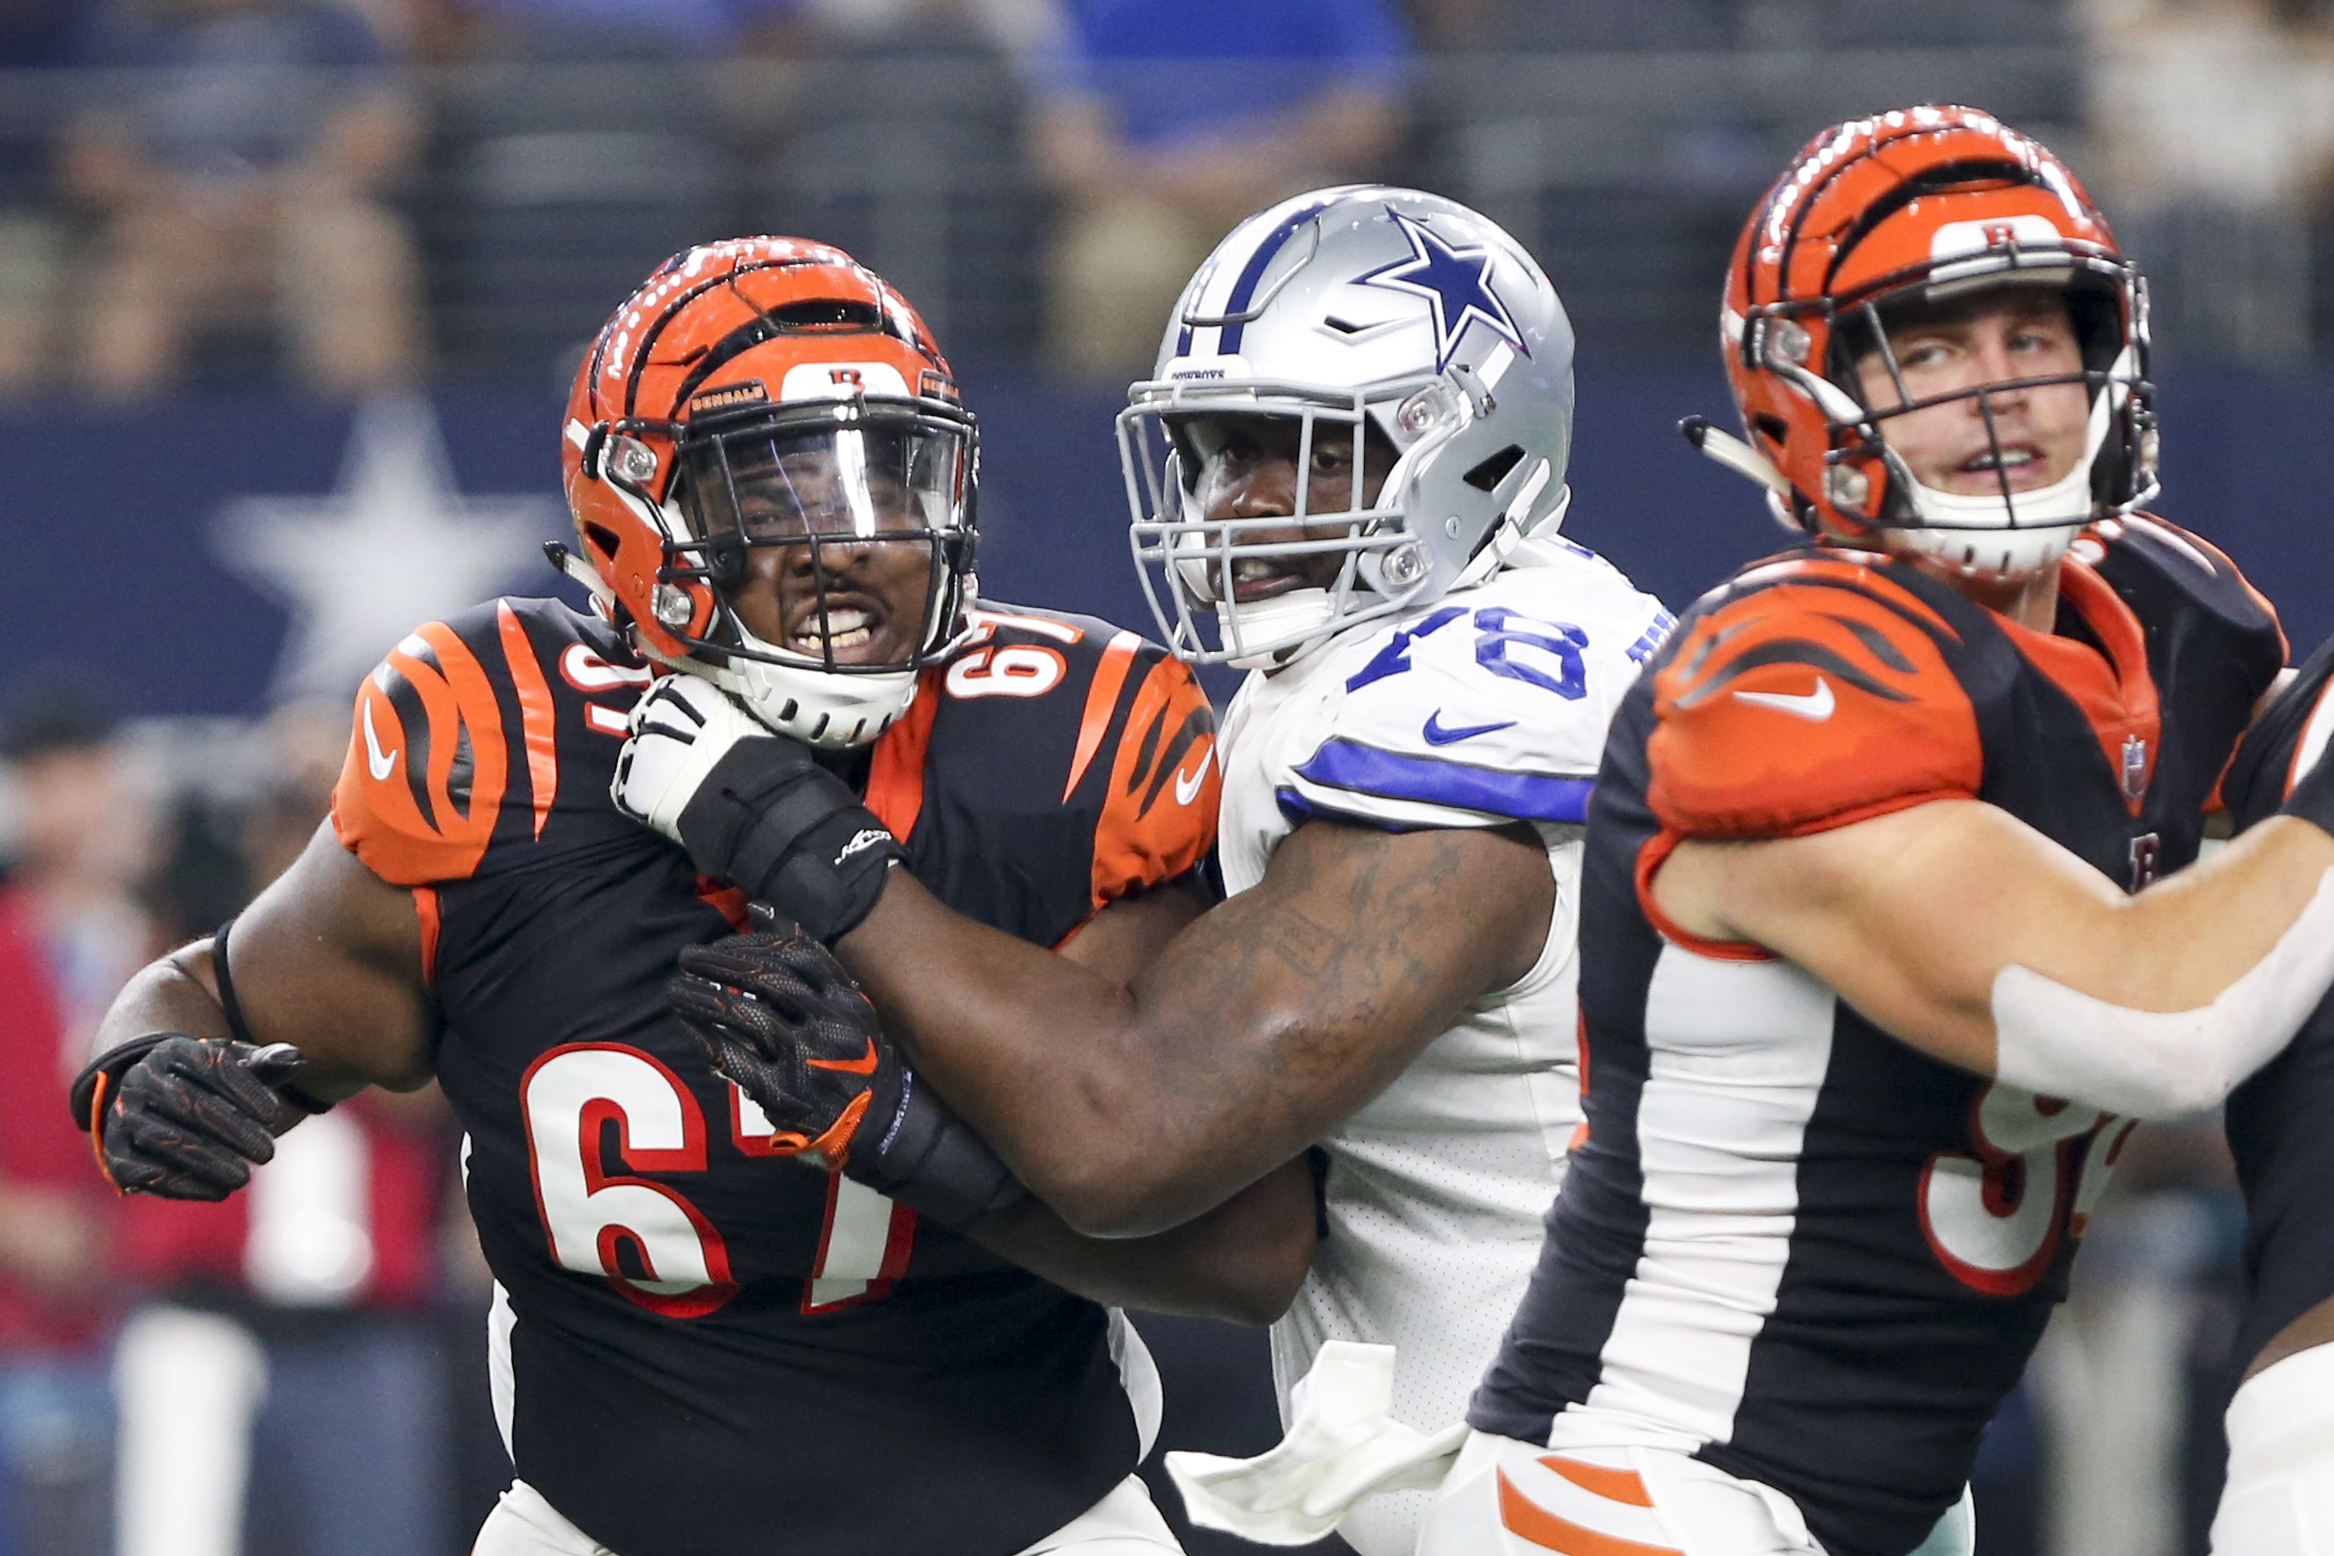 NFL: AUG 18 Preseason - Bengals at Cowboys